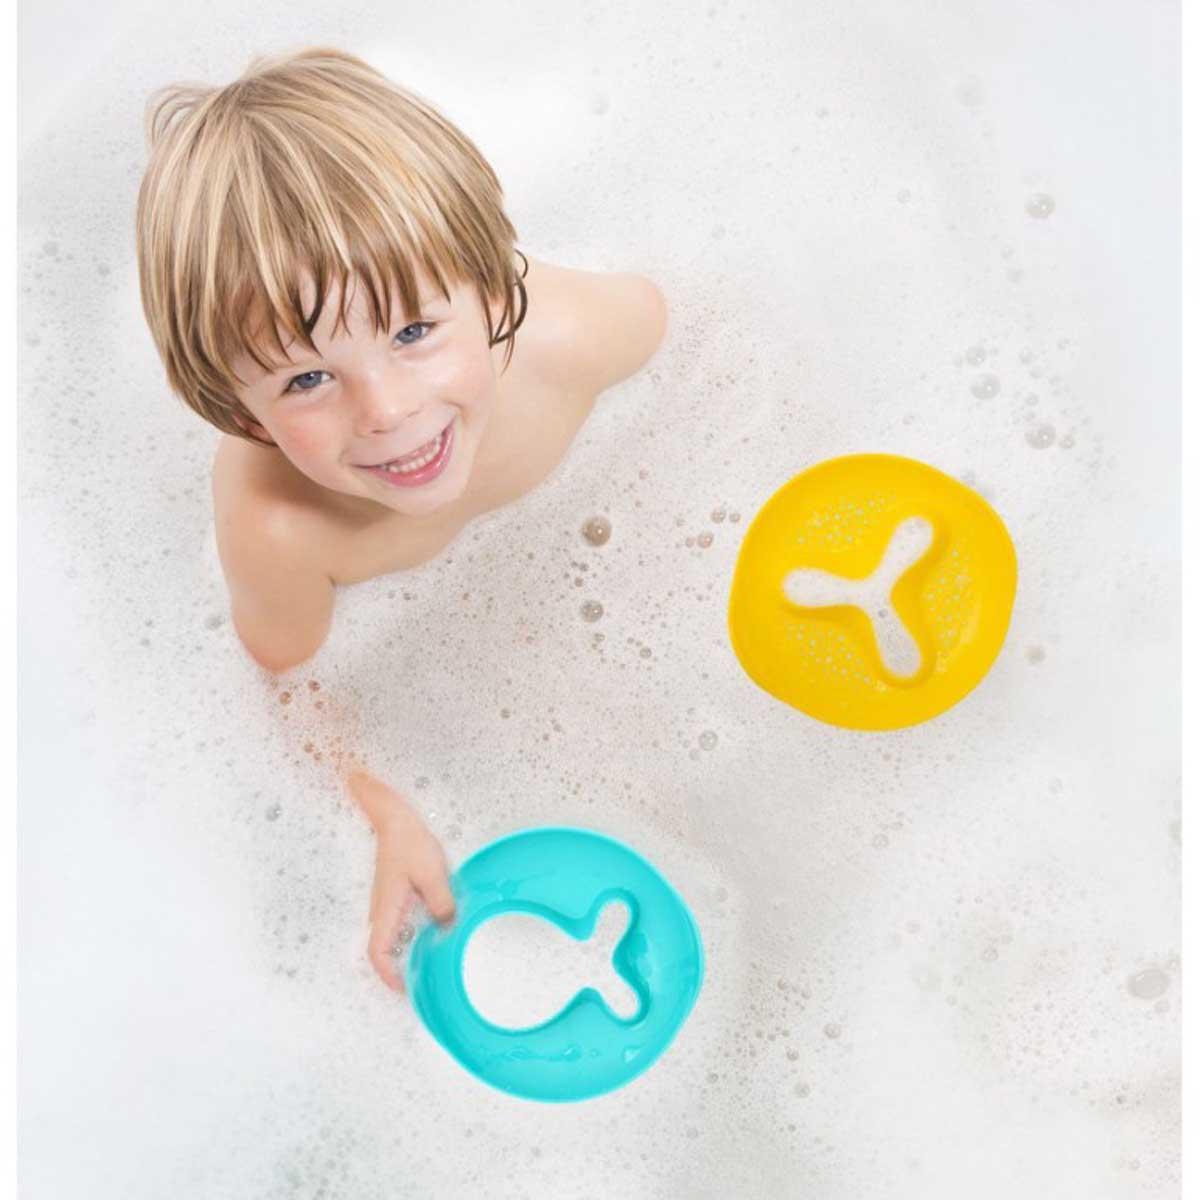 quut-toys-molde-arena-pez-estrella-castillos-torres-starfish-juguetes-playa-beach-toys-original-juguetes-170518-7.jpg